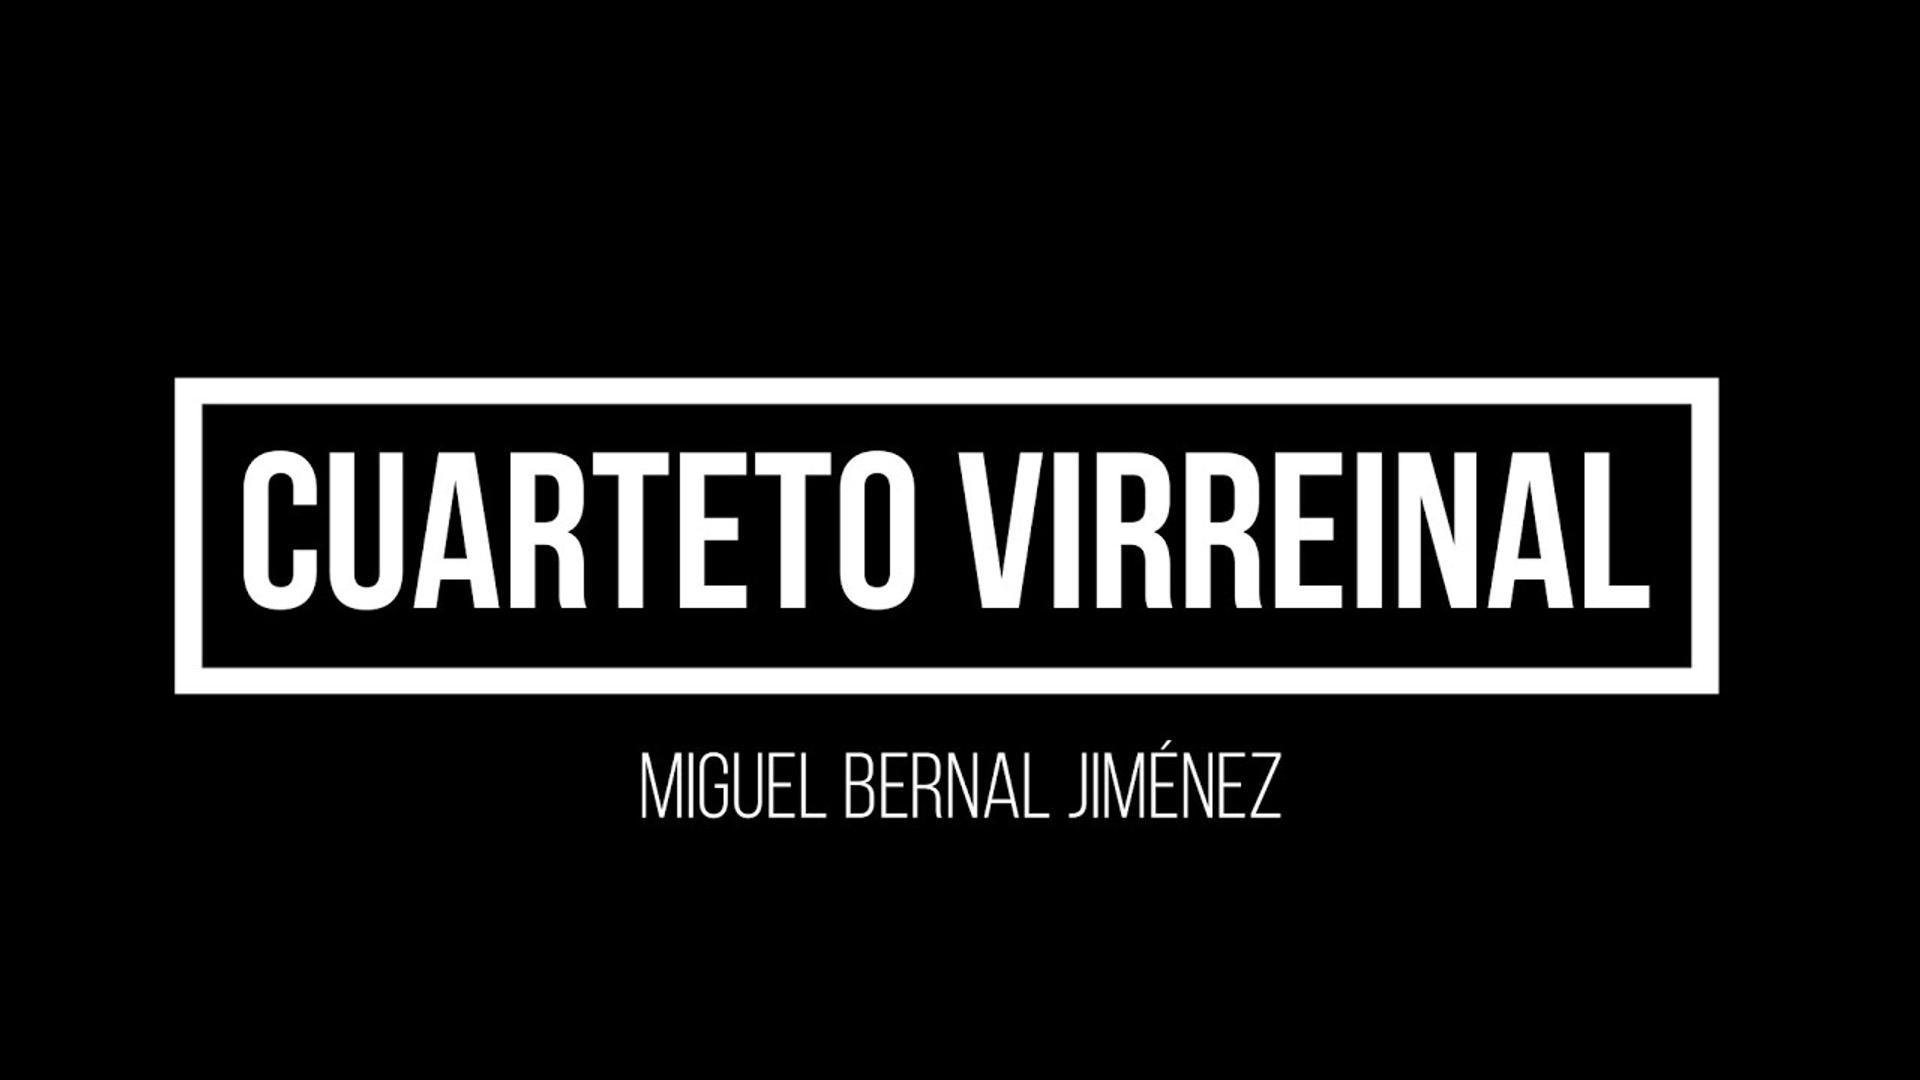 Cuarteto Virreinal (Bernal-Zanolli) (cuatro movimientos) OCENP-UNAM (1980)